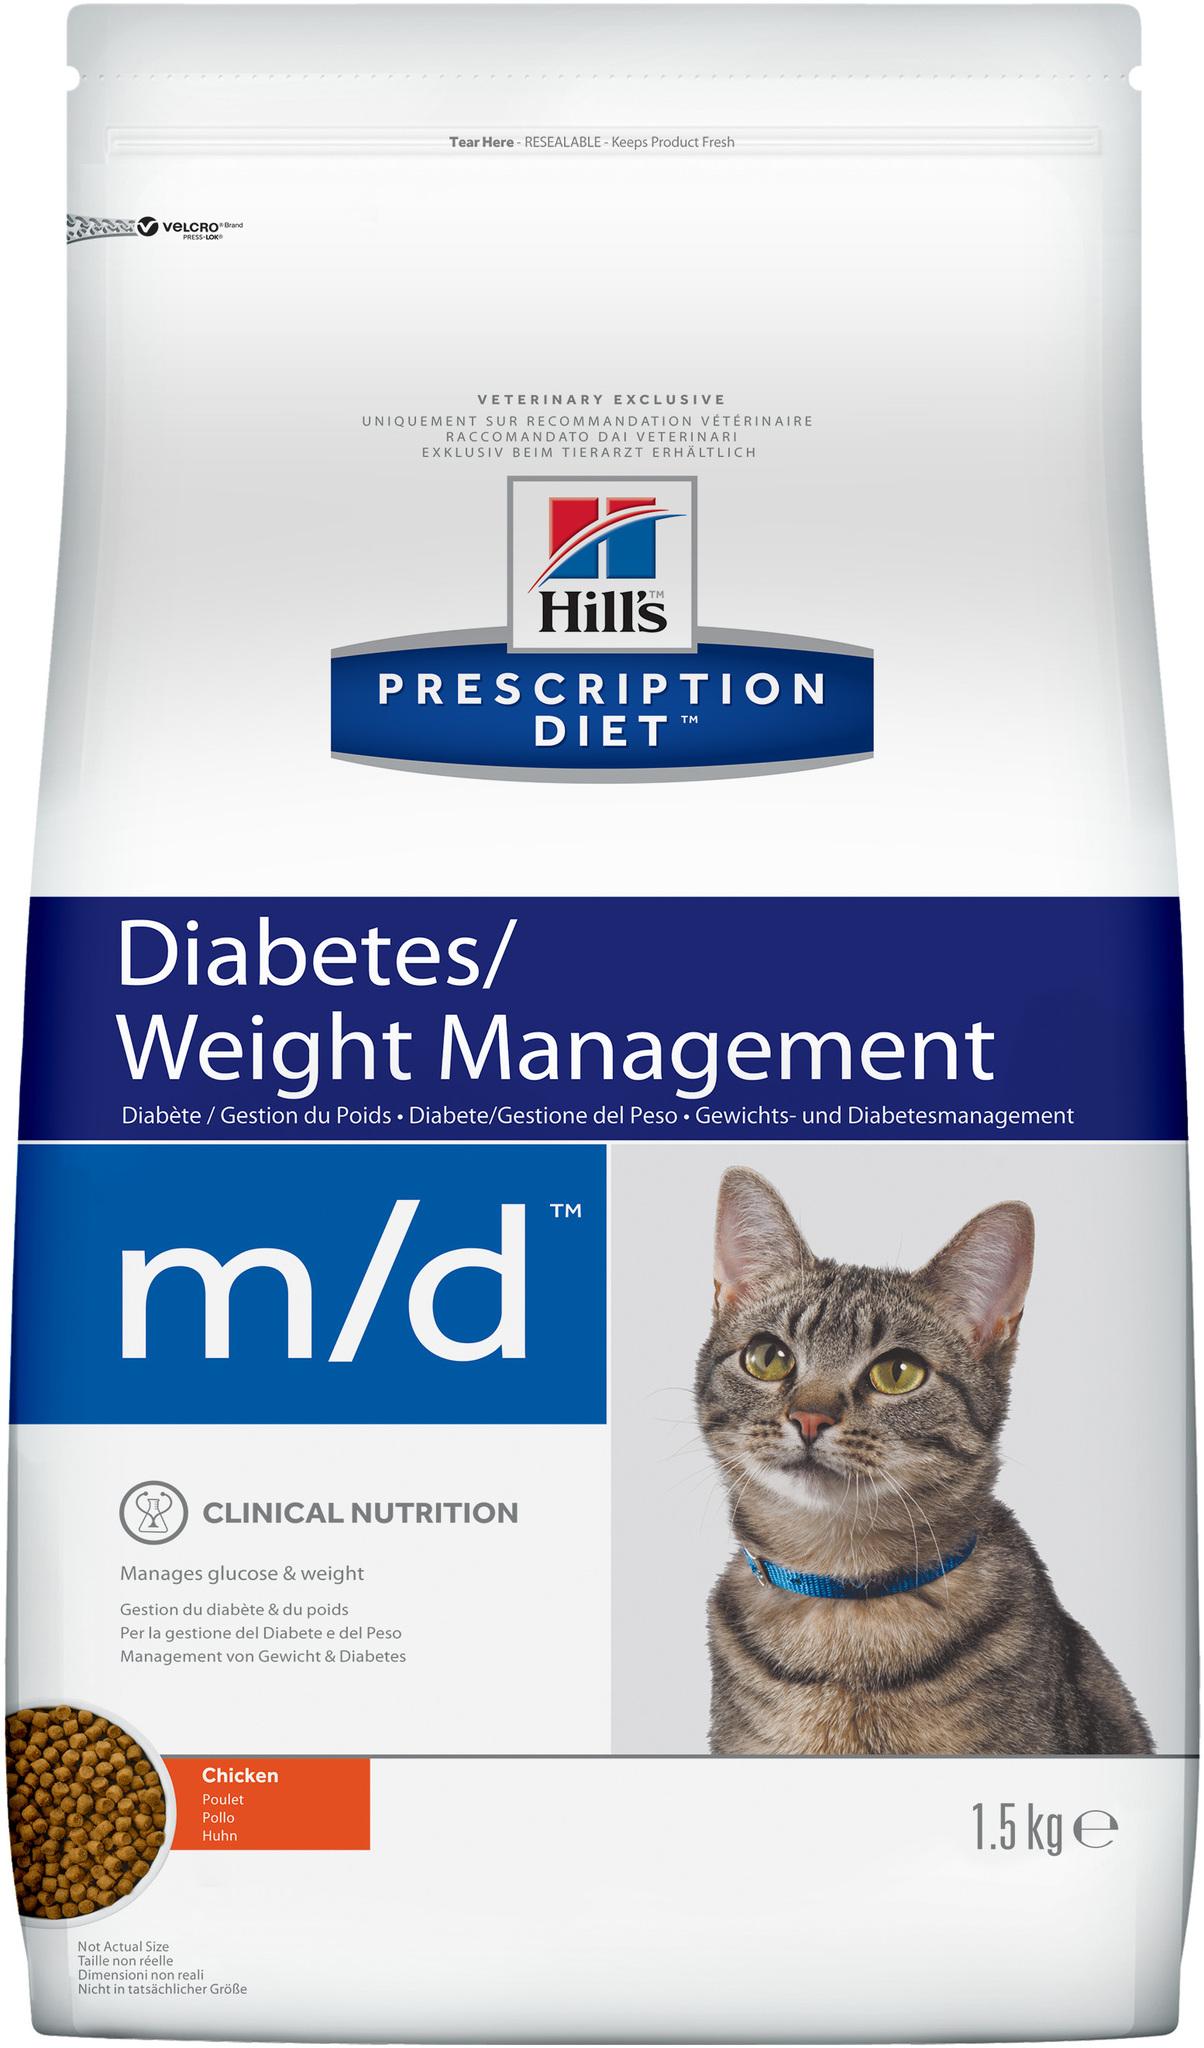 Сухой корм Ветеринарный корм для кошек Hill`s Prescription Diet m/d, при диабете/лишнем весе, с курицей 8685U.jpg